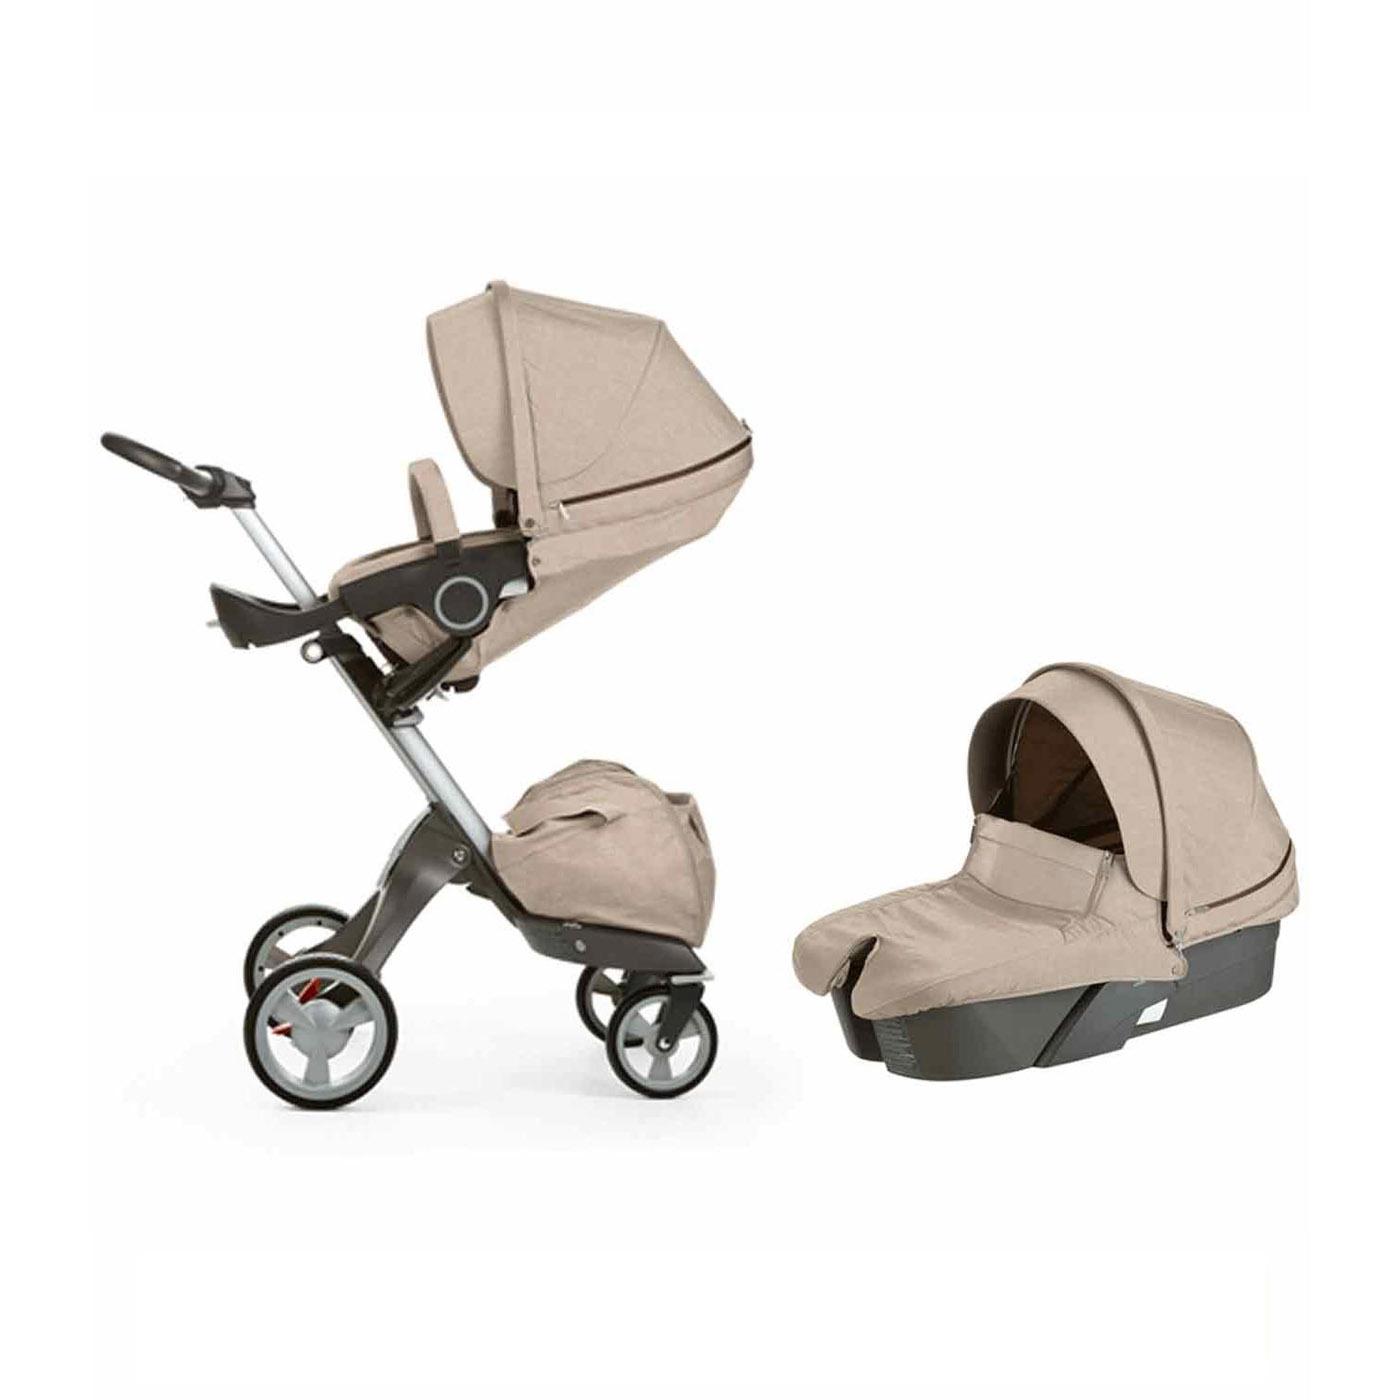 XPLORY V4 Baby Stroller in BEIGE MELANGE